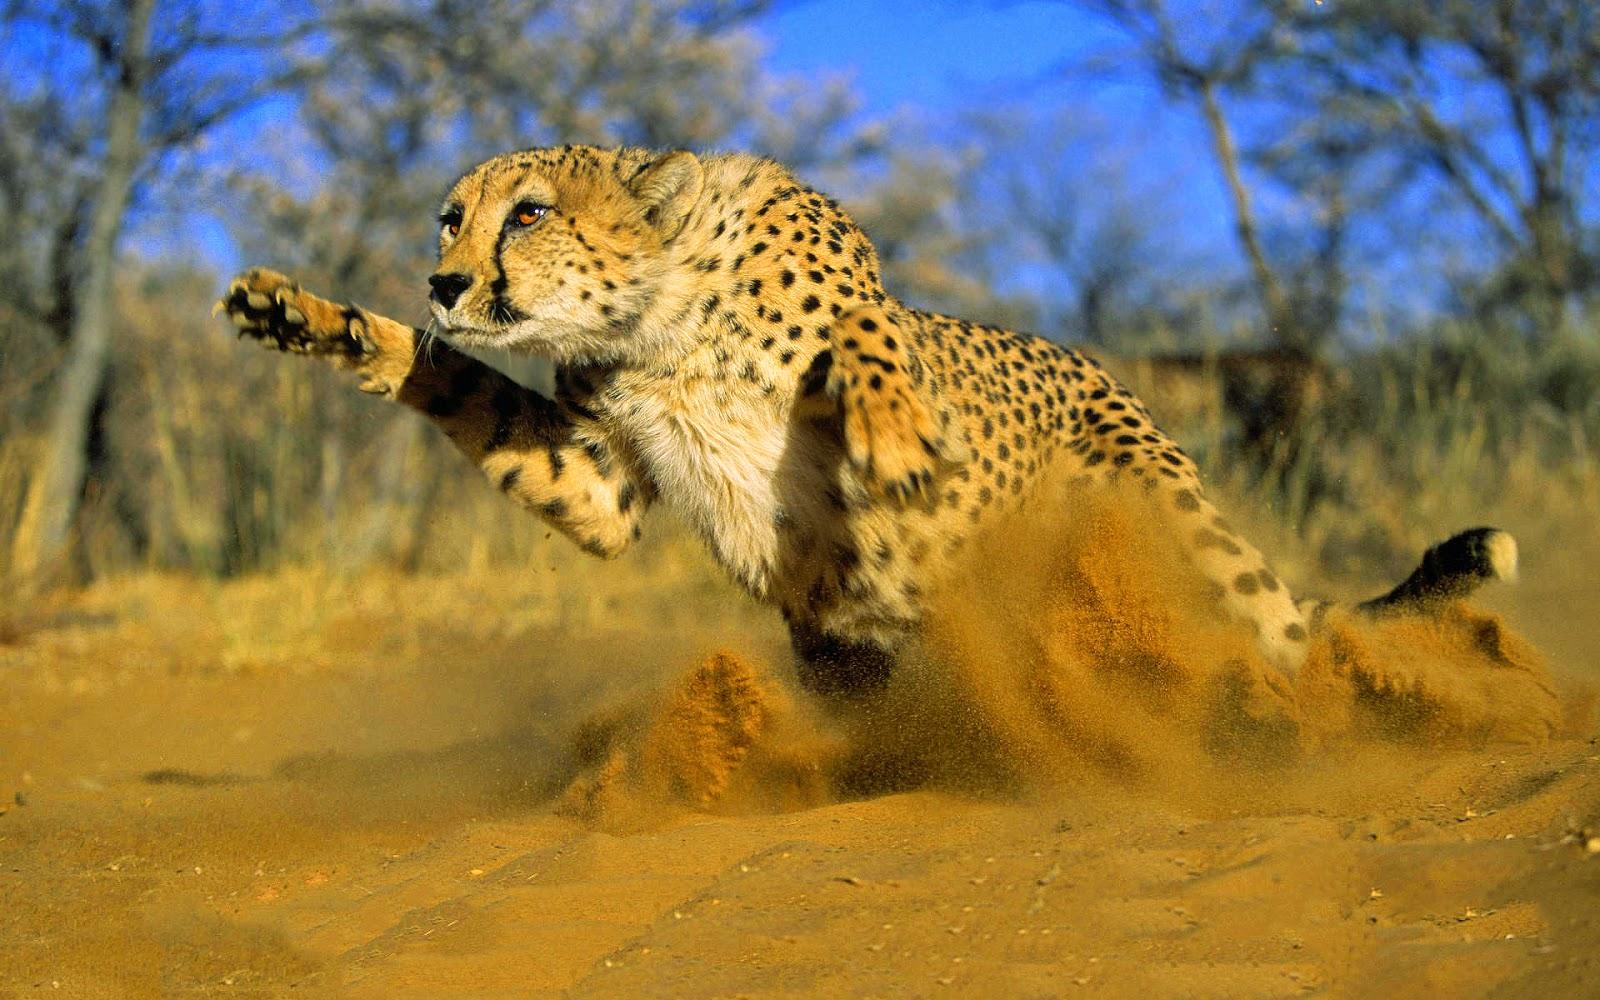 Where Do Cheetahs Live >> Where Do Cheetahs Live The Garden Of Eaden